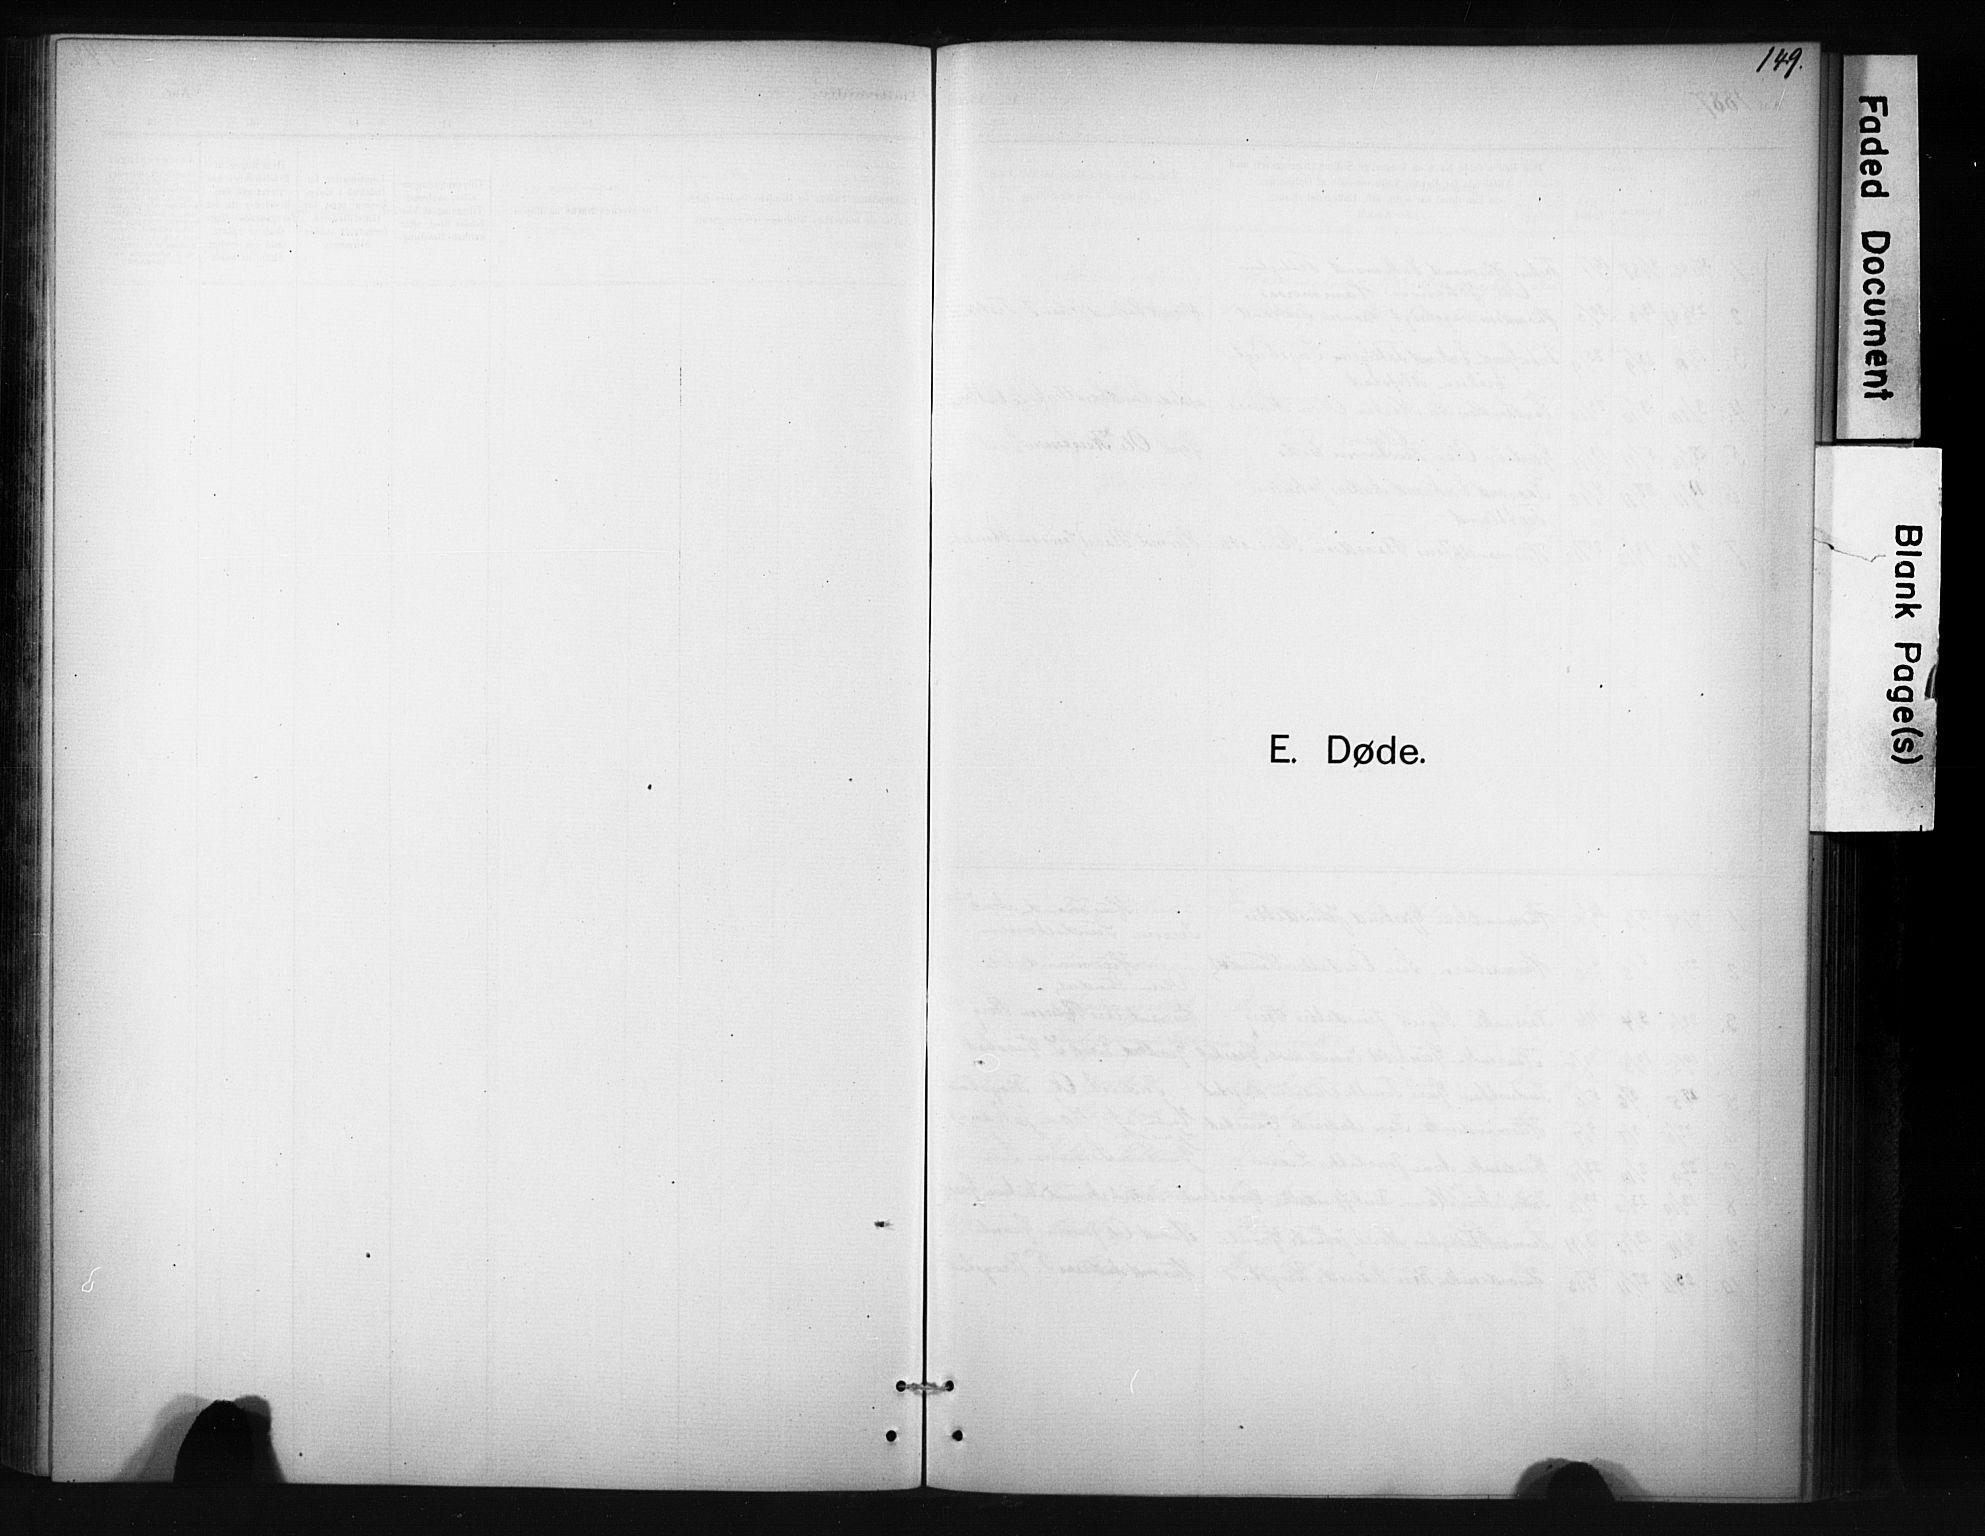 SAT, Ministerialprotokoller, klokkerbøker og fødselsregistre - Sør-Trøndelag, 694/L1127: Ministerialbok nr. 694A01, 1887-1905, s. 149